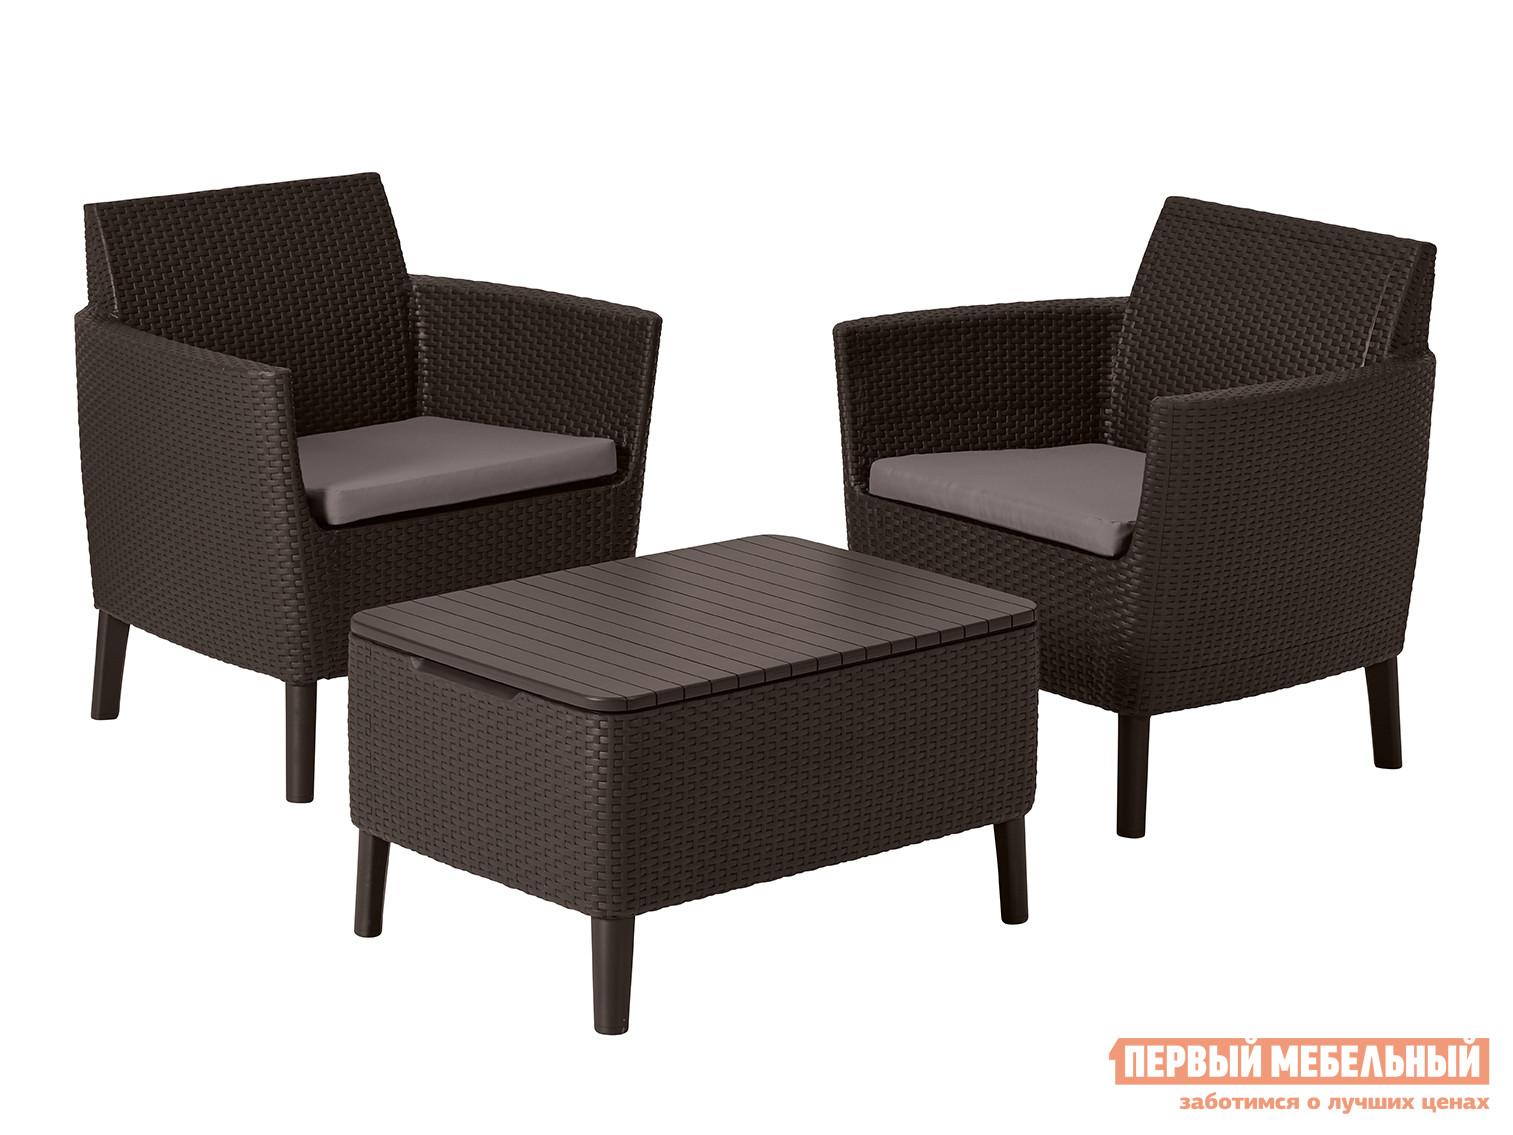 Комплект плетеной мебели Keter Комплект Salemo balcony set 17205935/ГРАФИТ цена